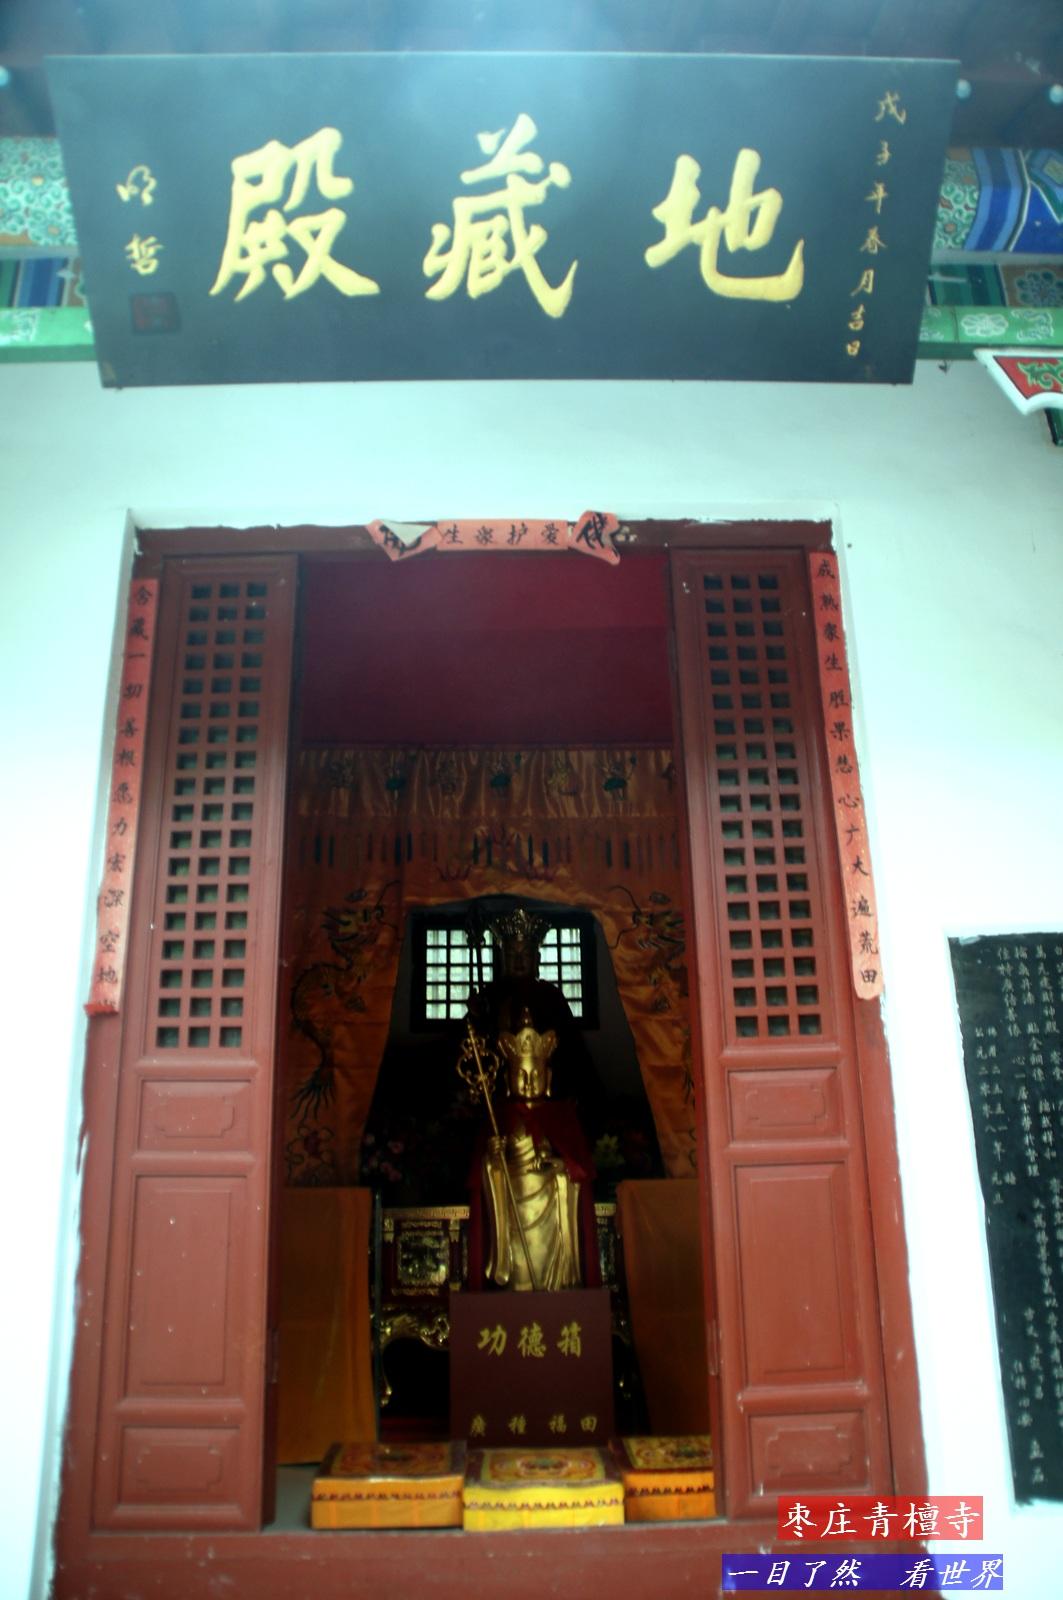 枣庄青檀寺-020-1600.jpg